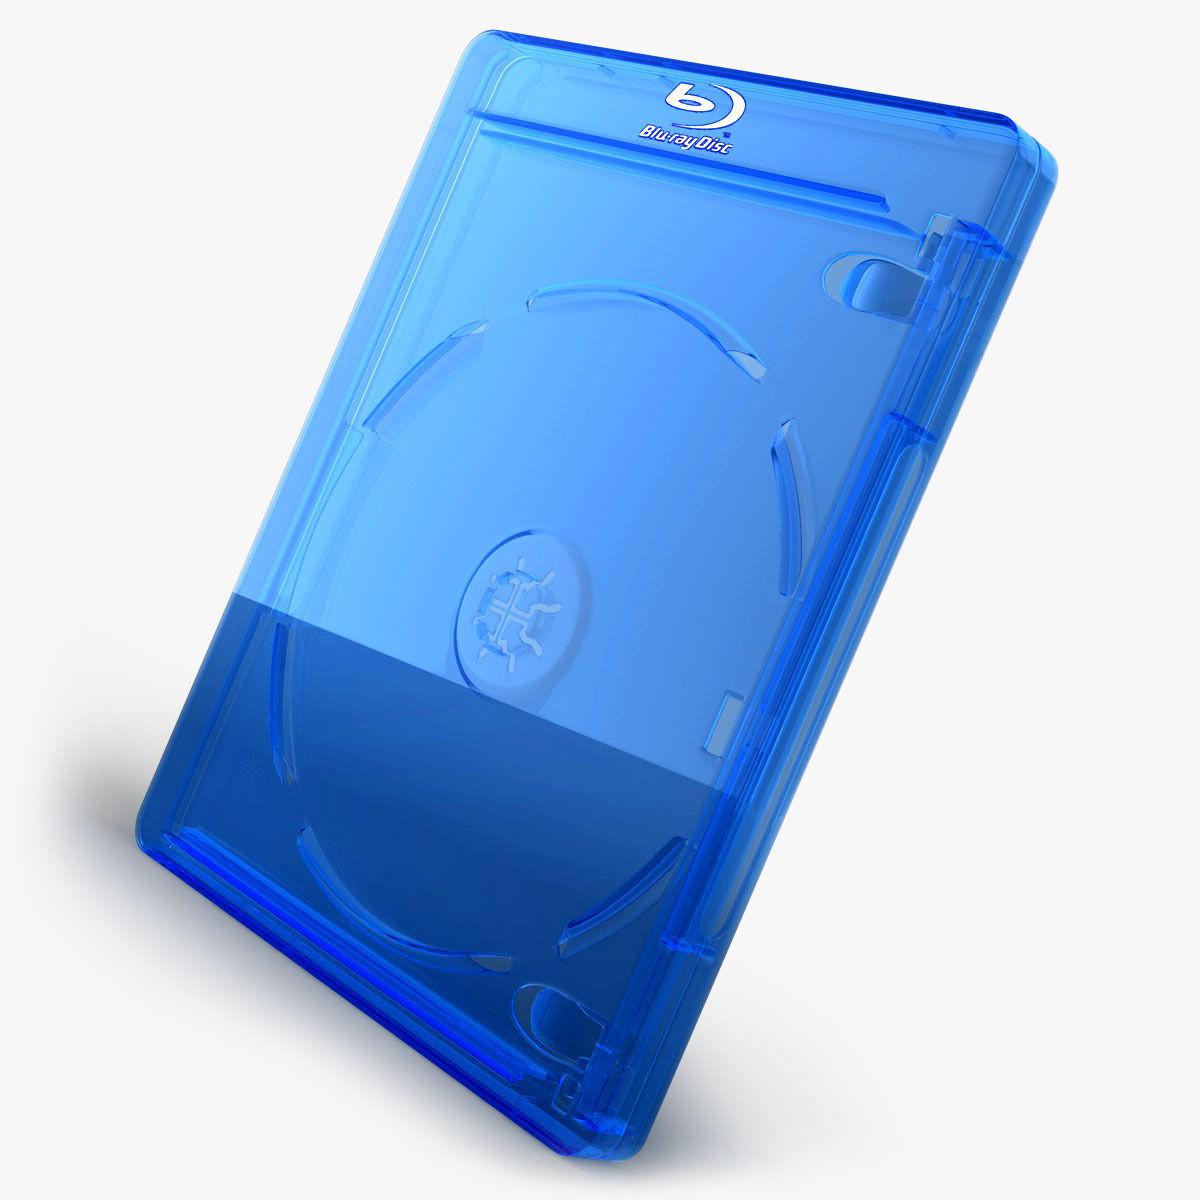 Bluray case